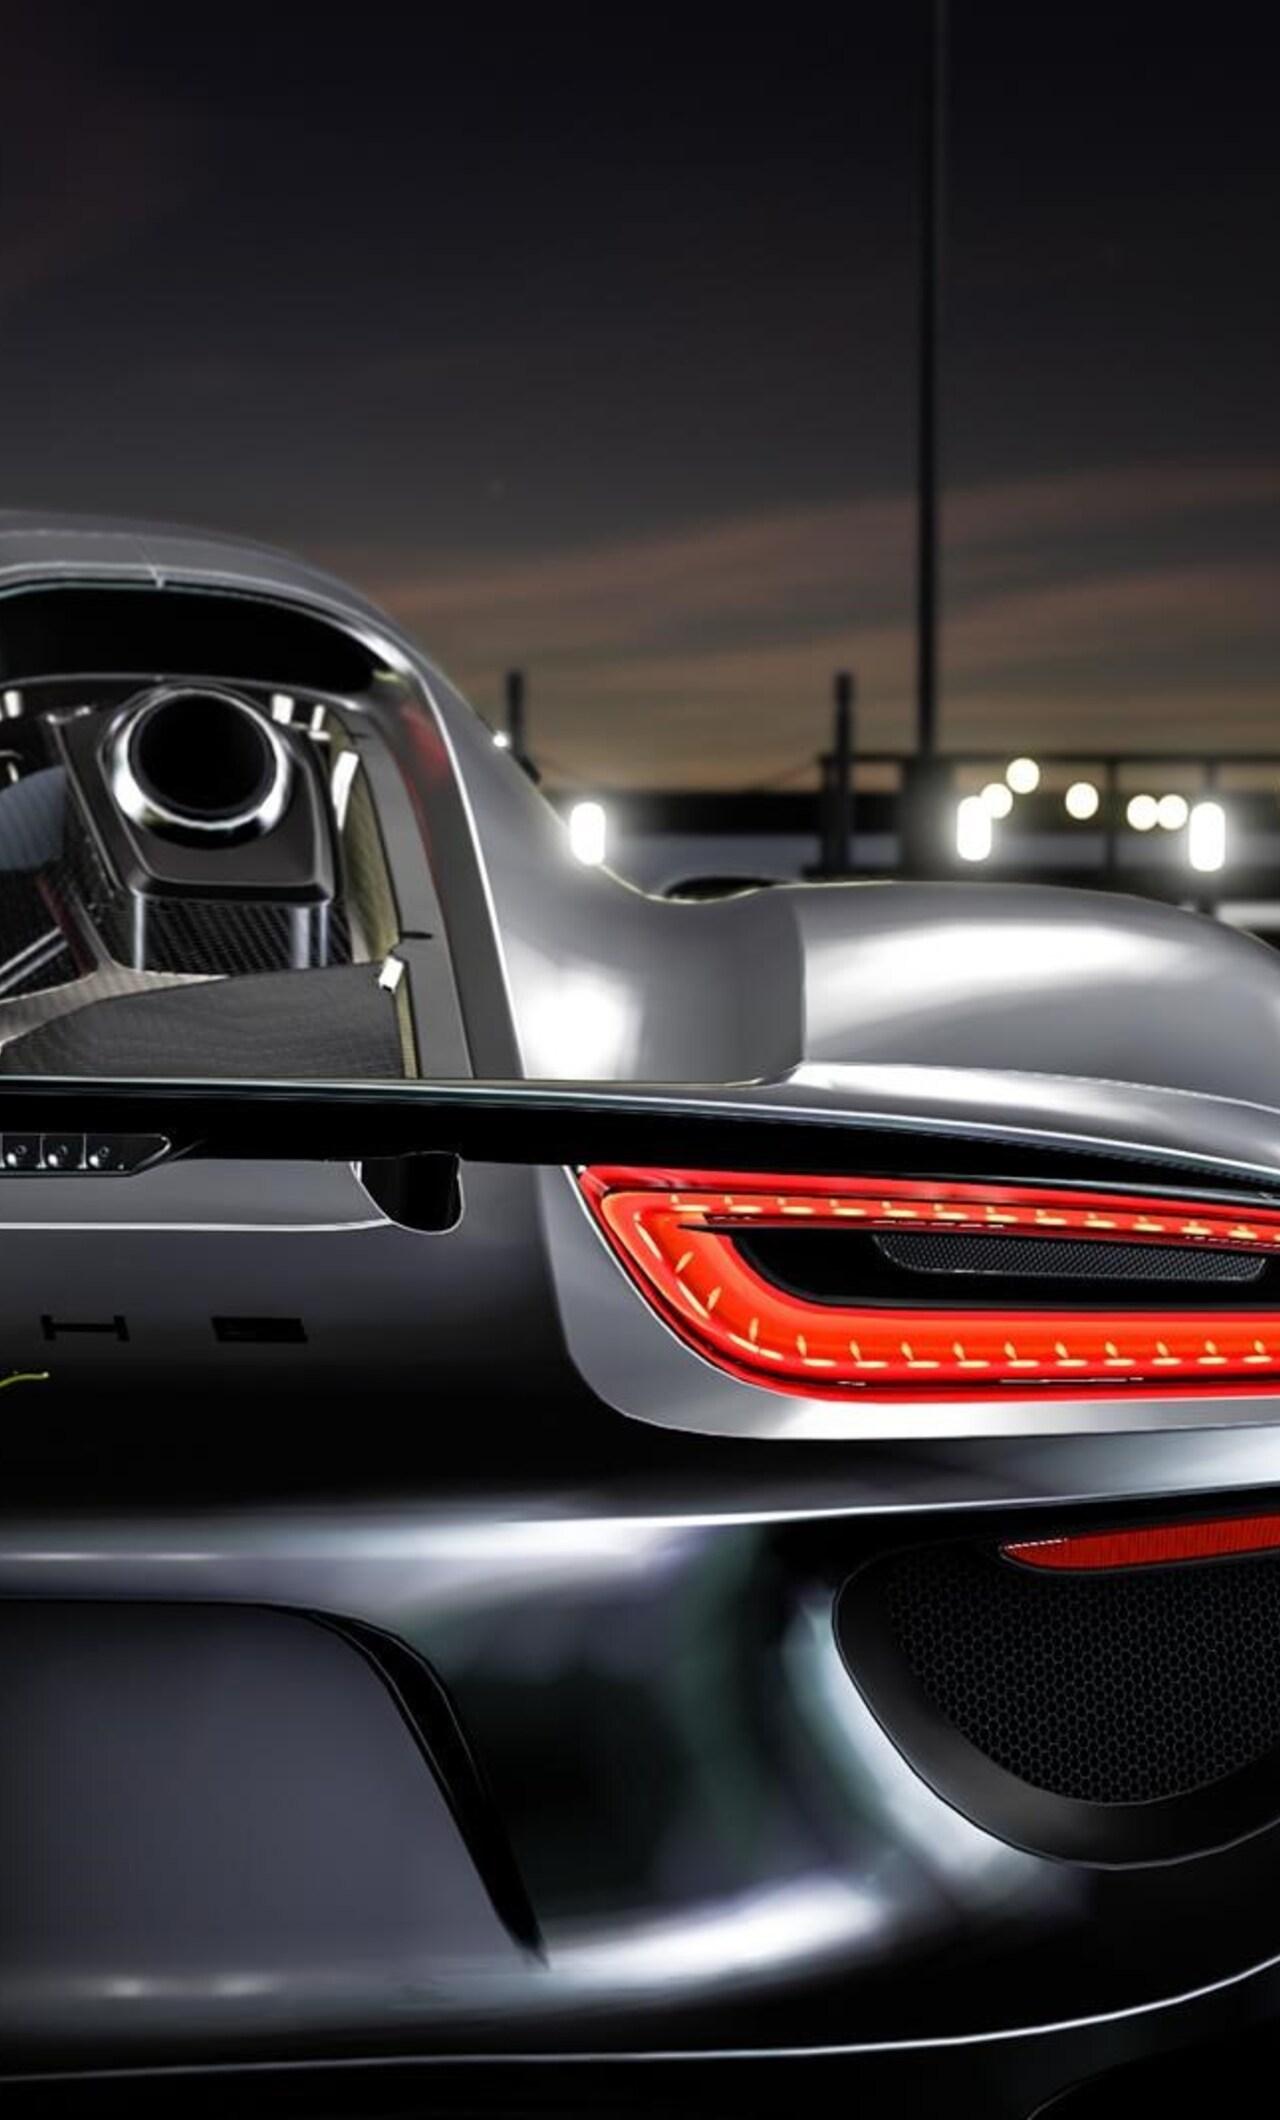 1280x2120 Porsche 918 Spyder In Forza Motosport 6 Iphone 6 Hd 4k